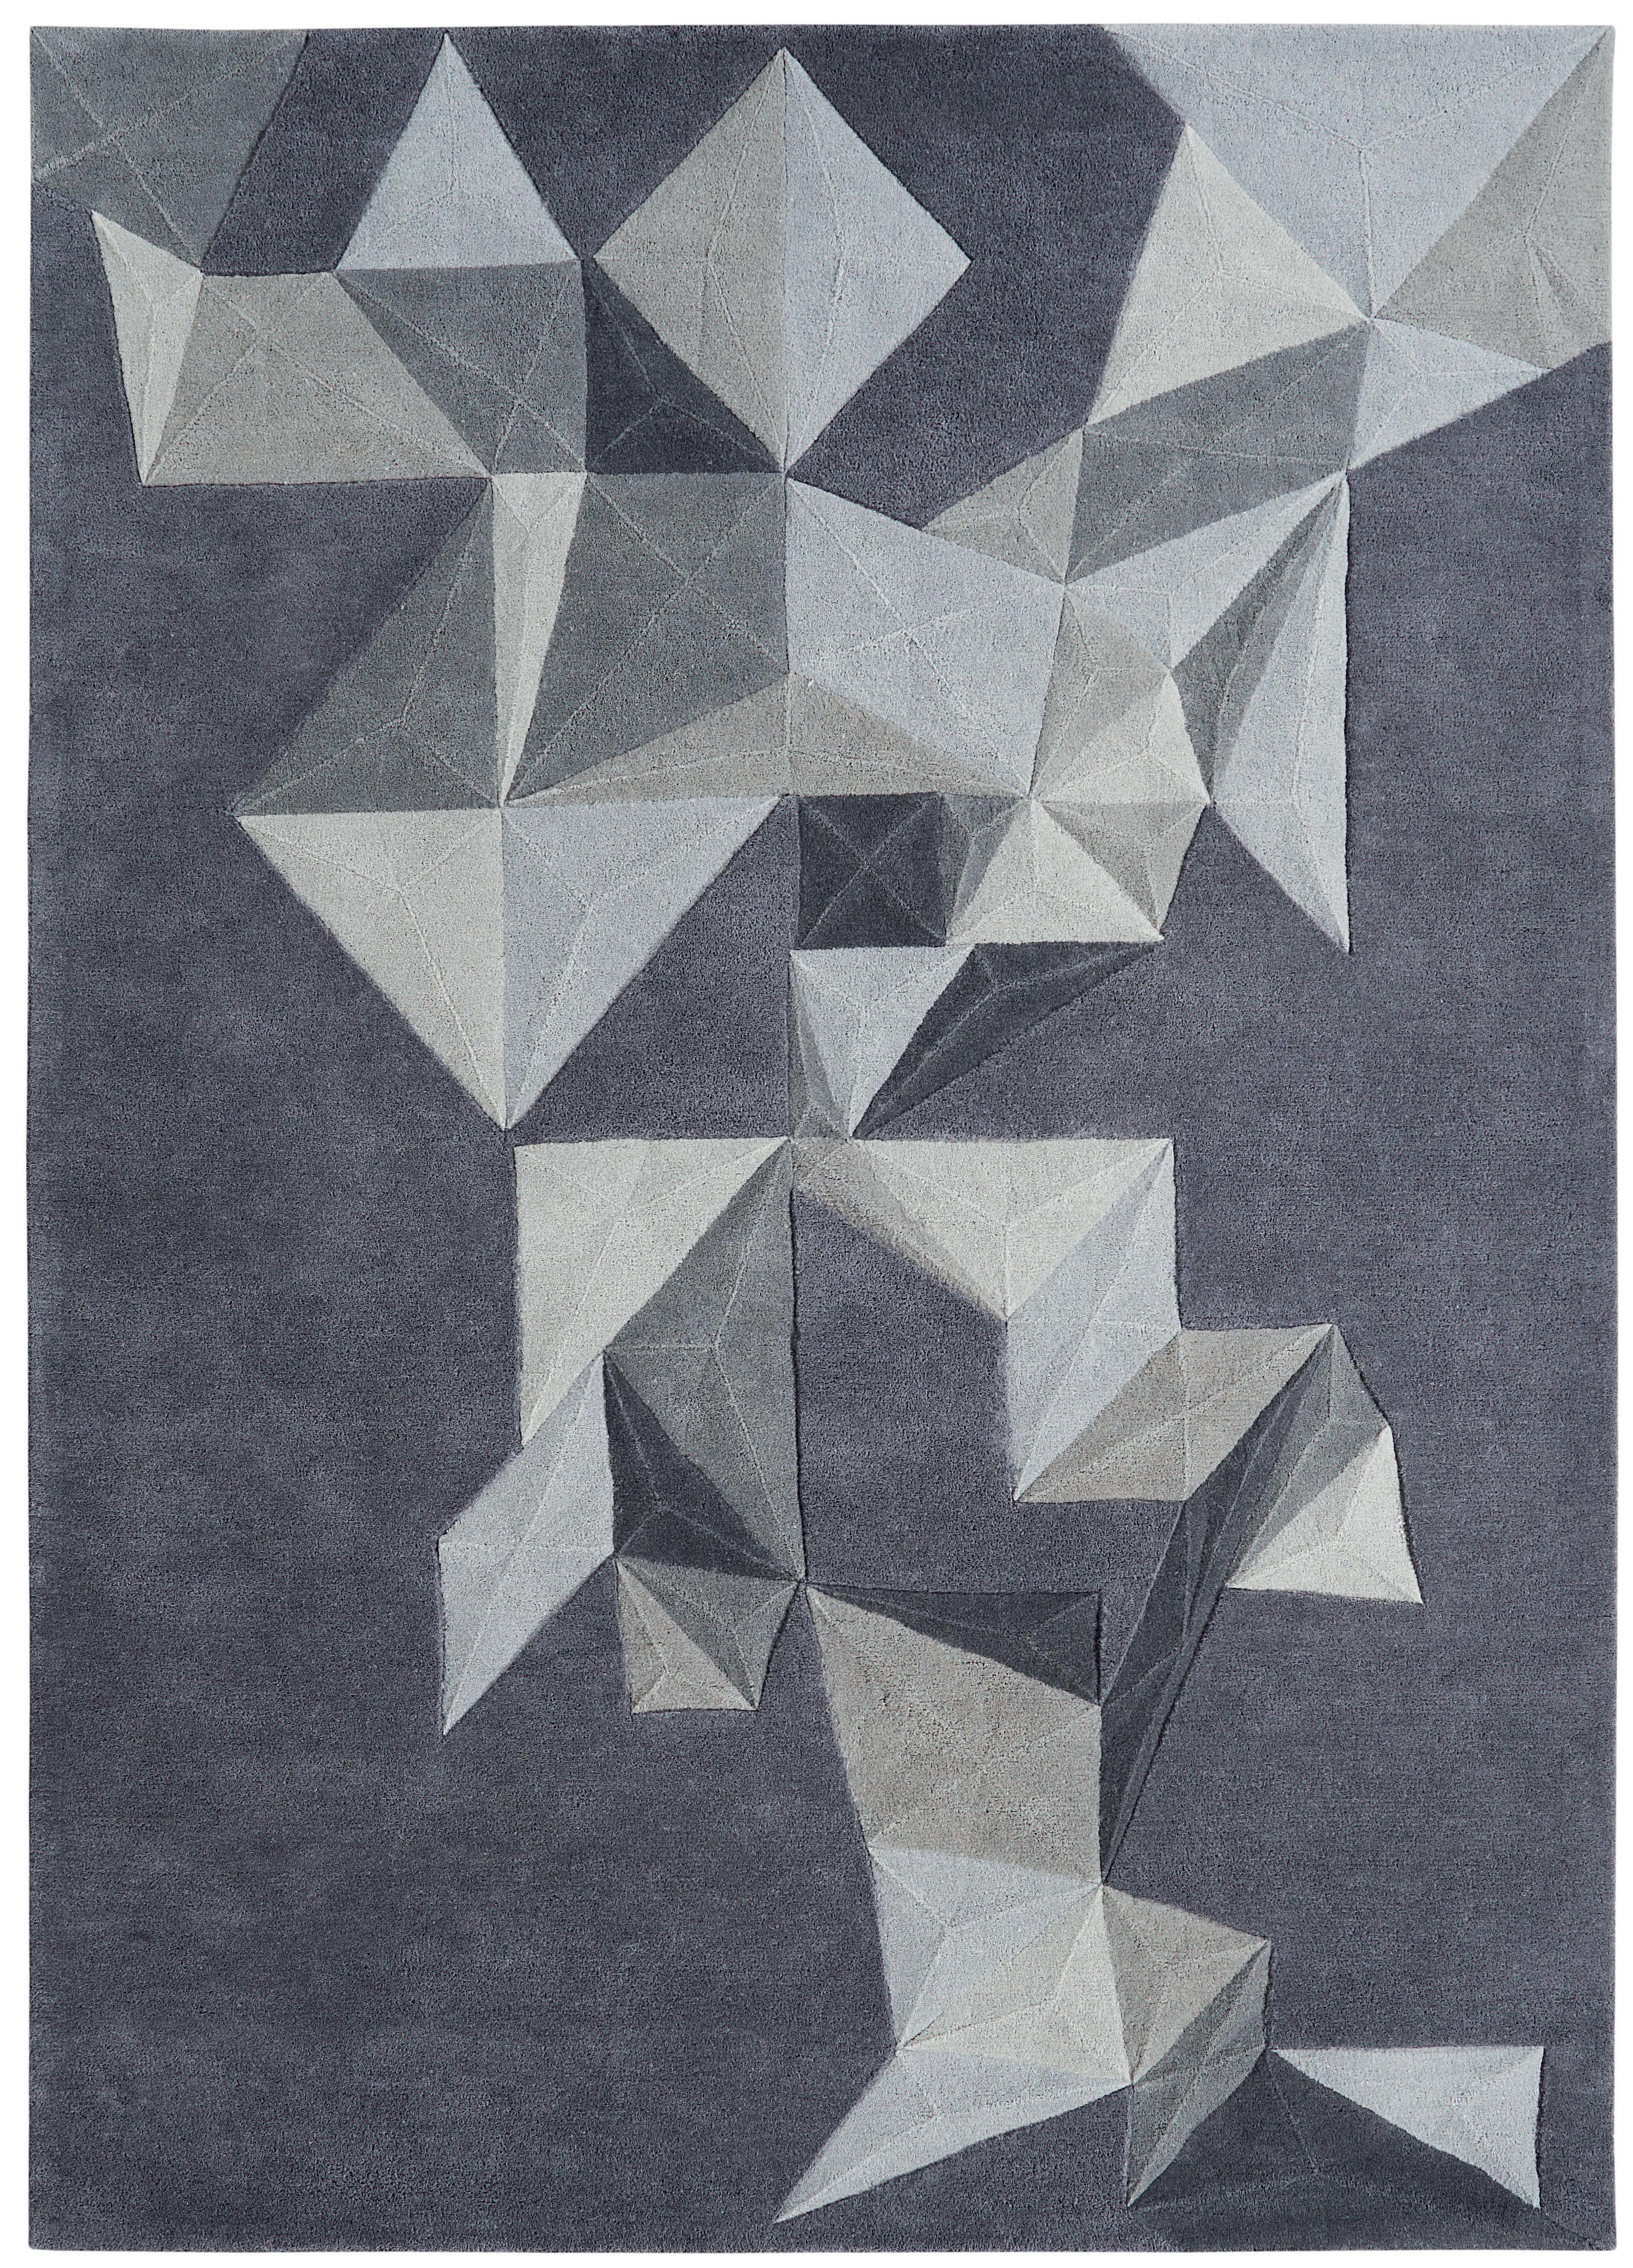 Dekoration - Teppiche - Pliages Teppich von Daniel Hechter / 170 x 240 cm - handgeknüpft - Toulemonde Bochart - Grau - Wolle